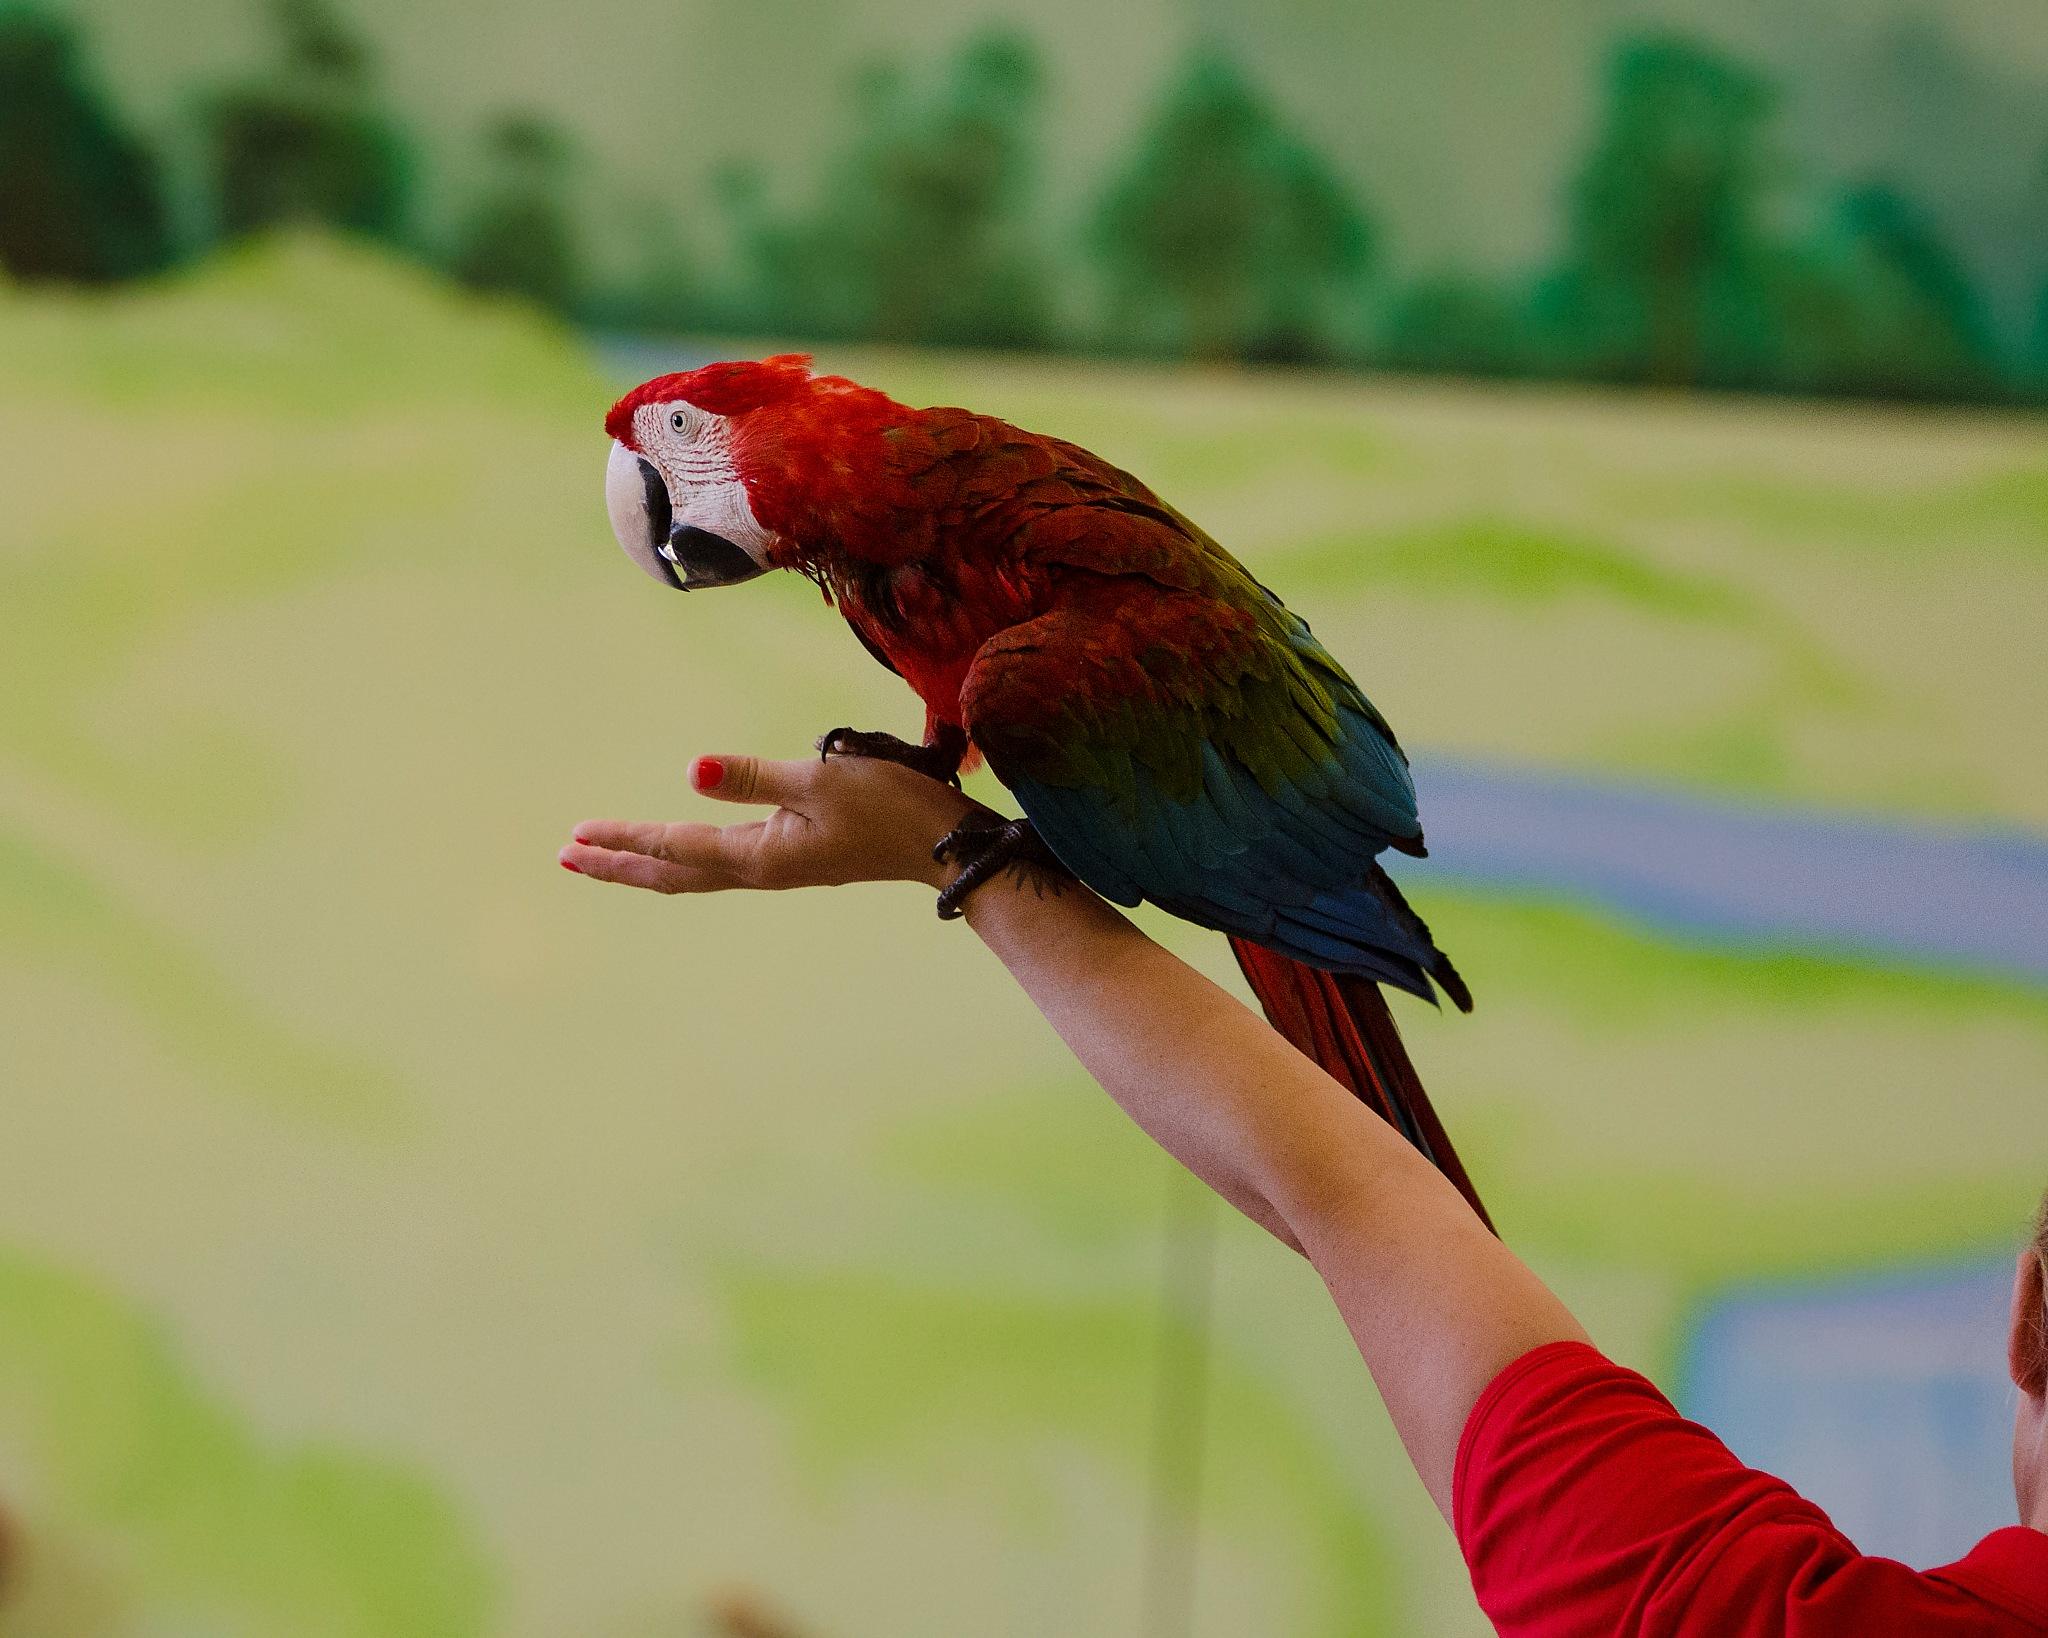 My sweet parrot  by marokkyprianou